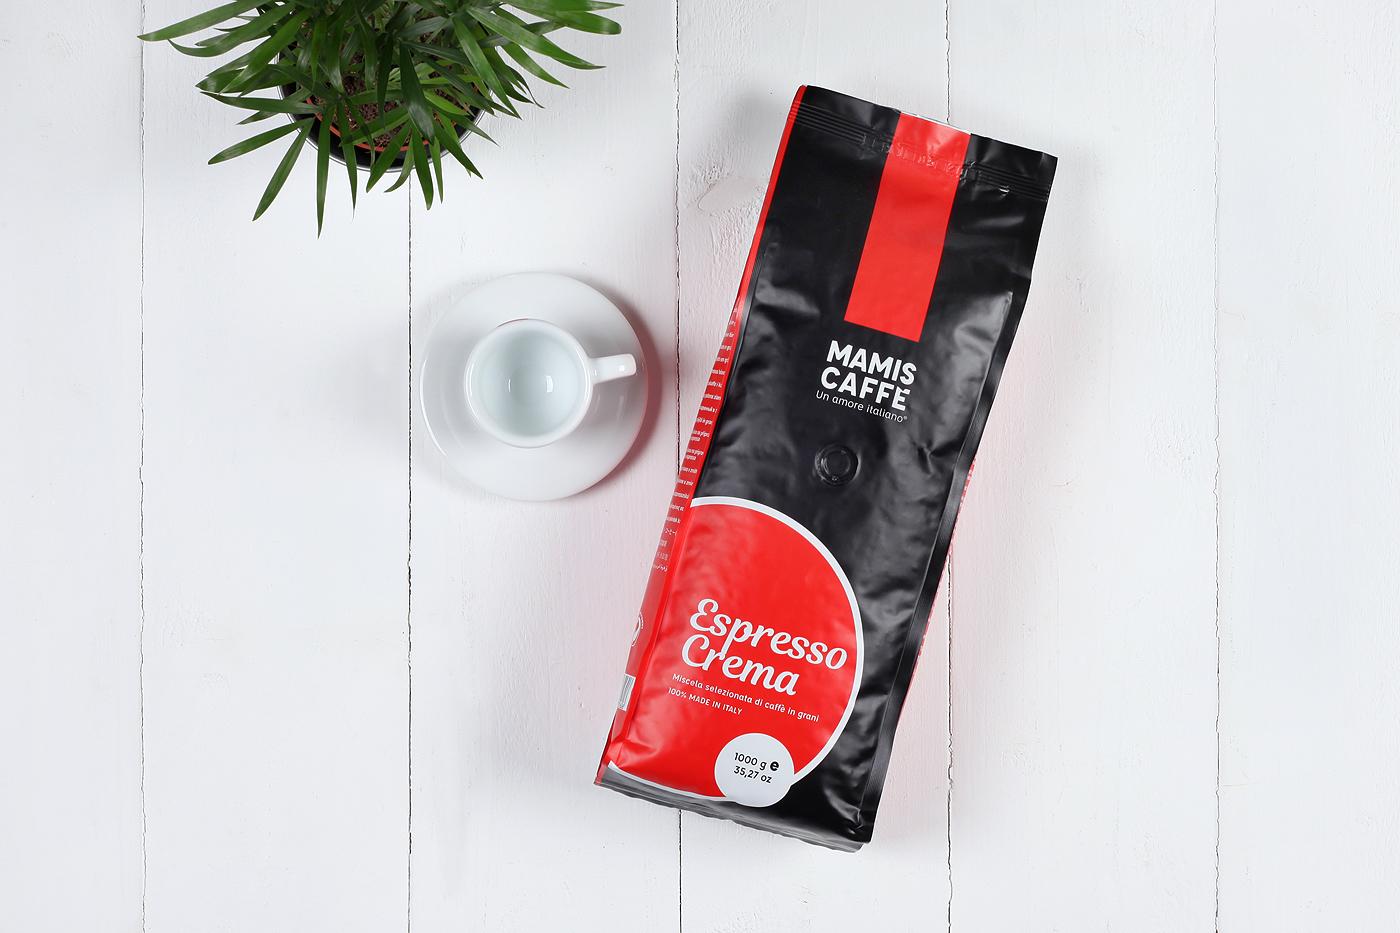 Mamis Caffe_Espresso Crema